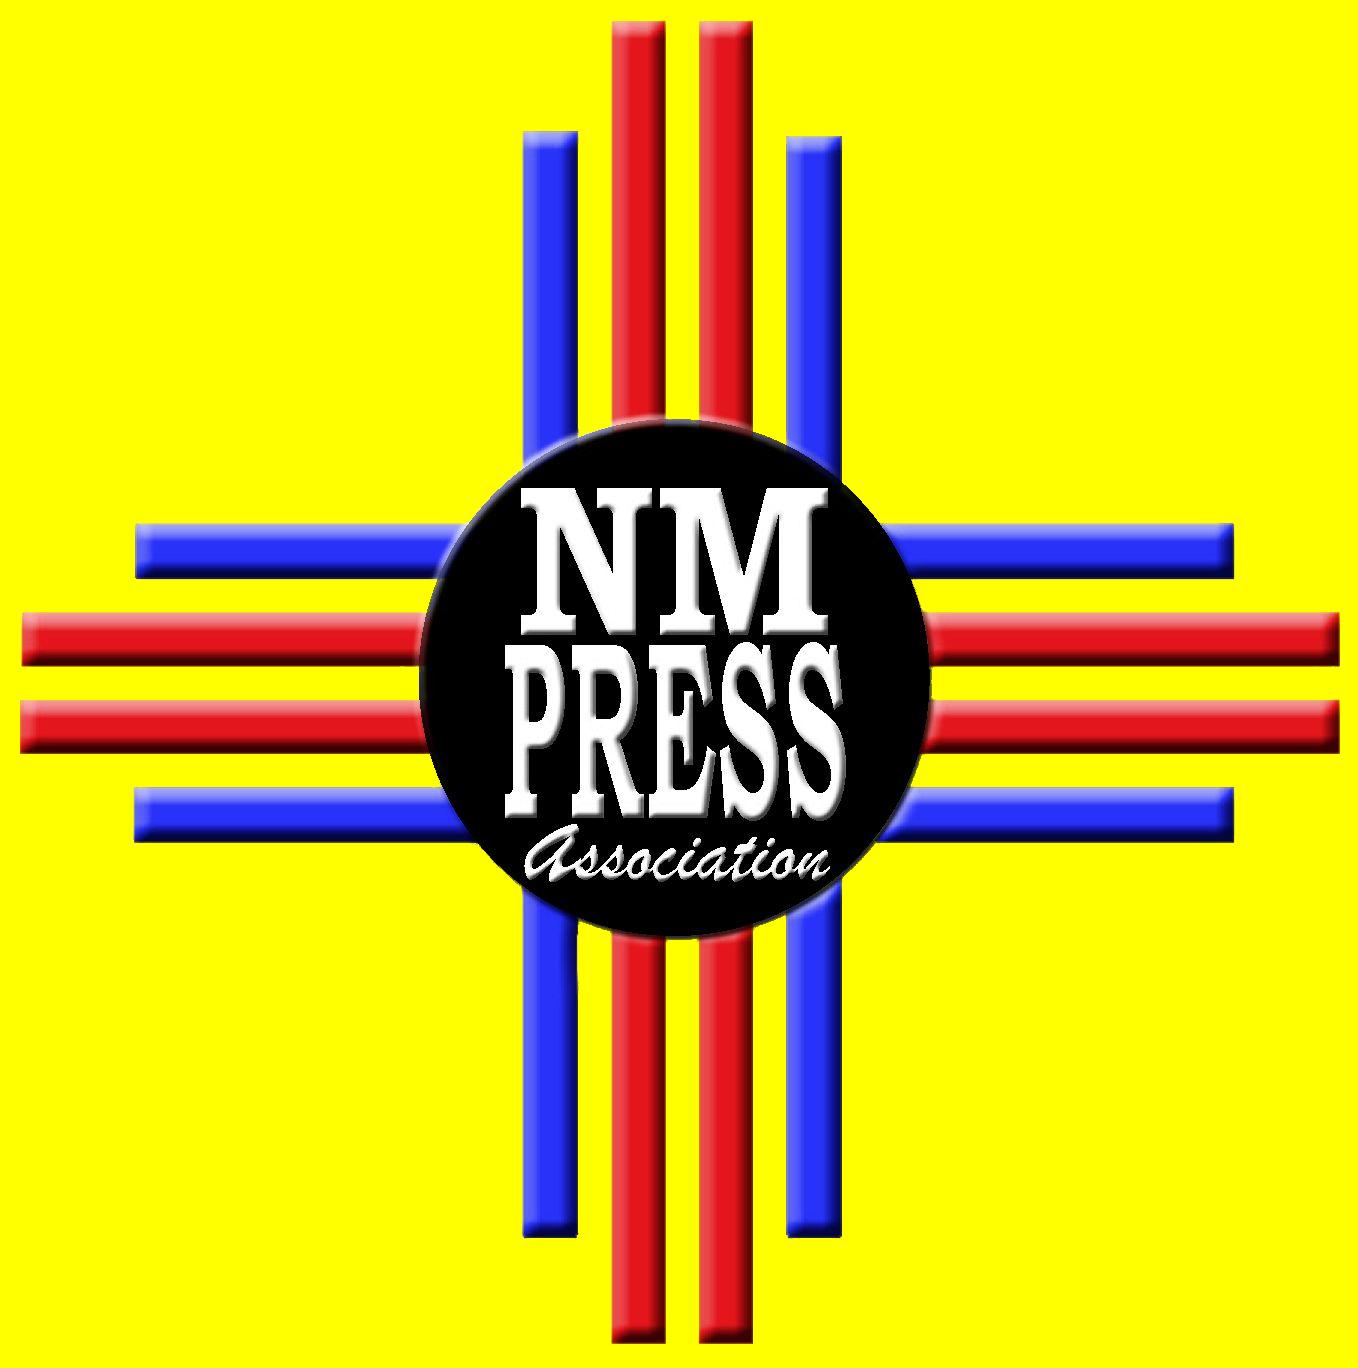 NM Press